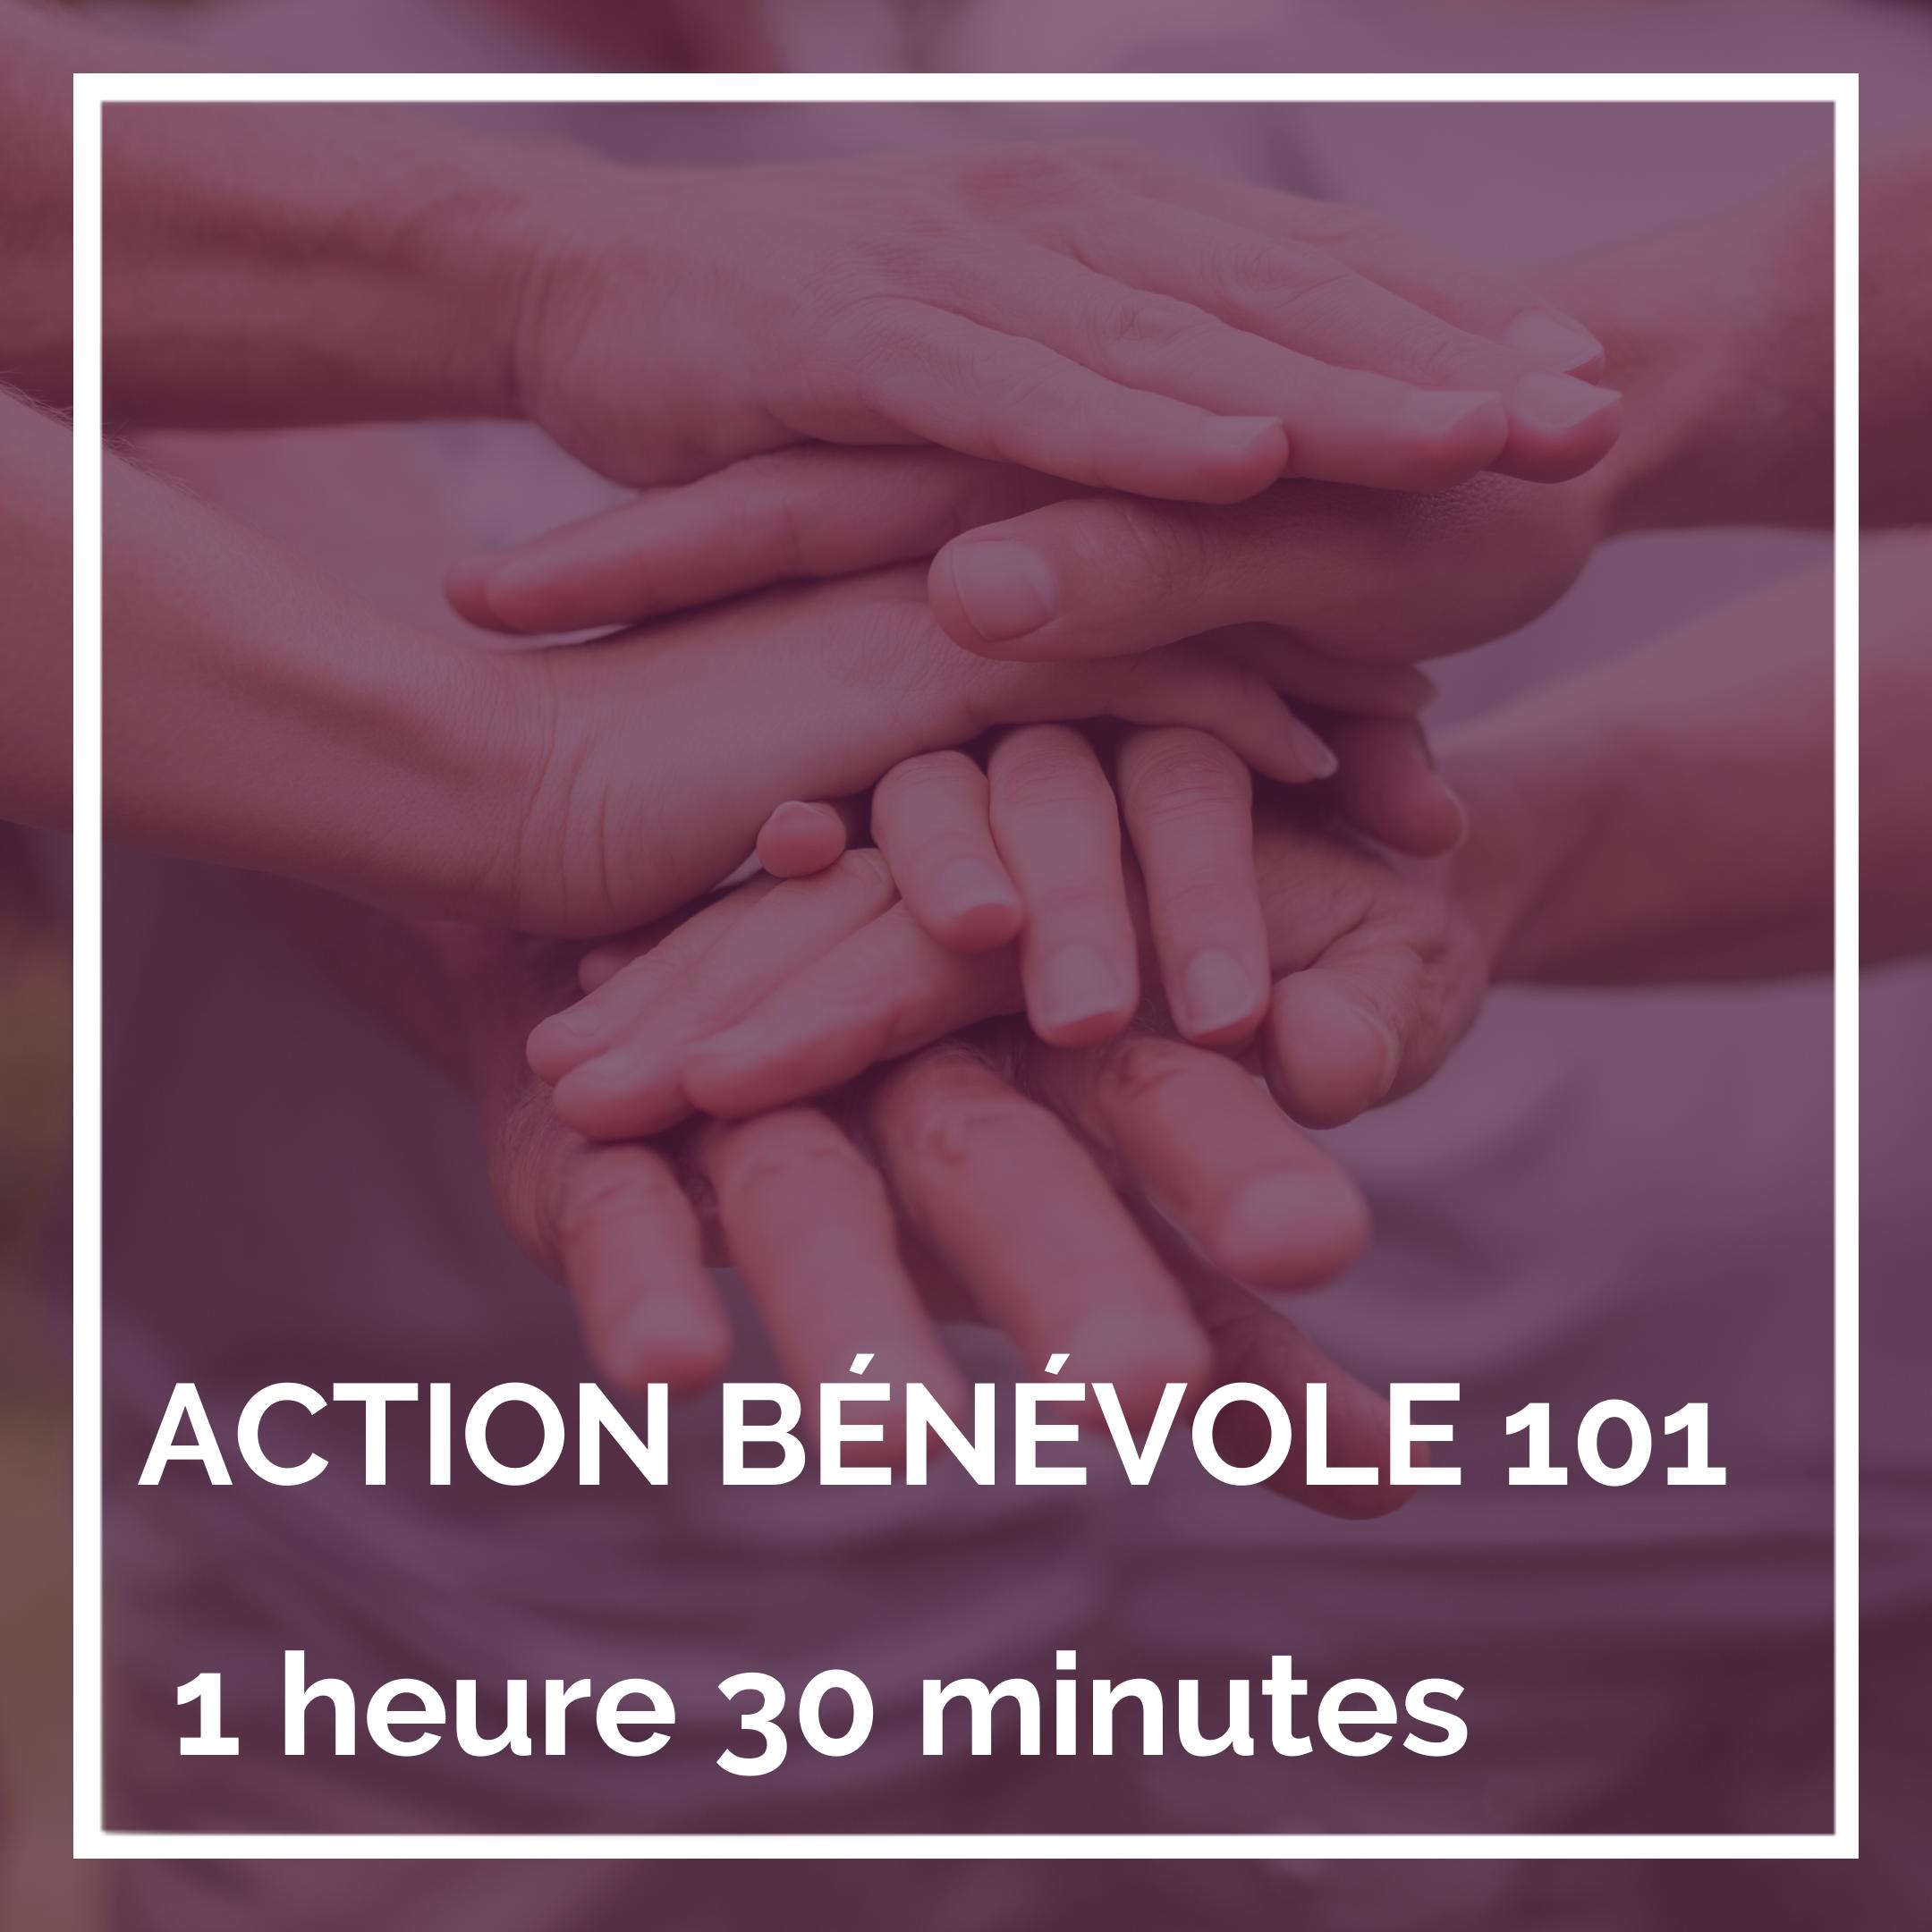 Action bénévole 101